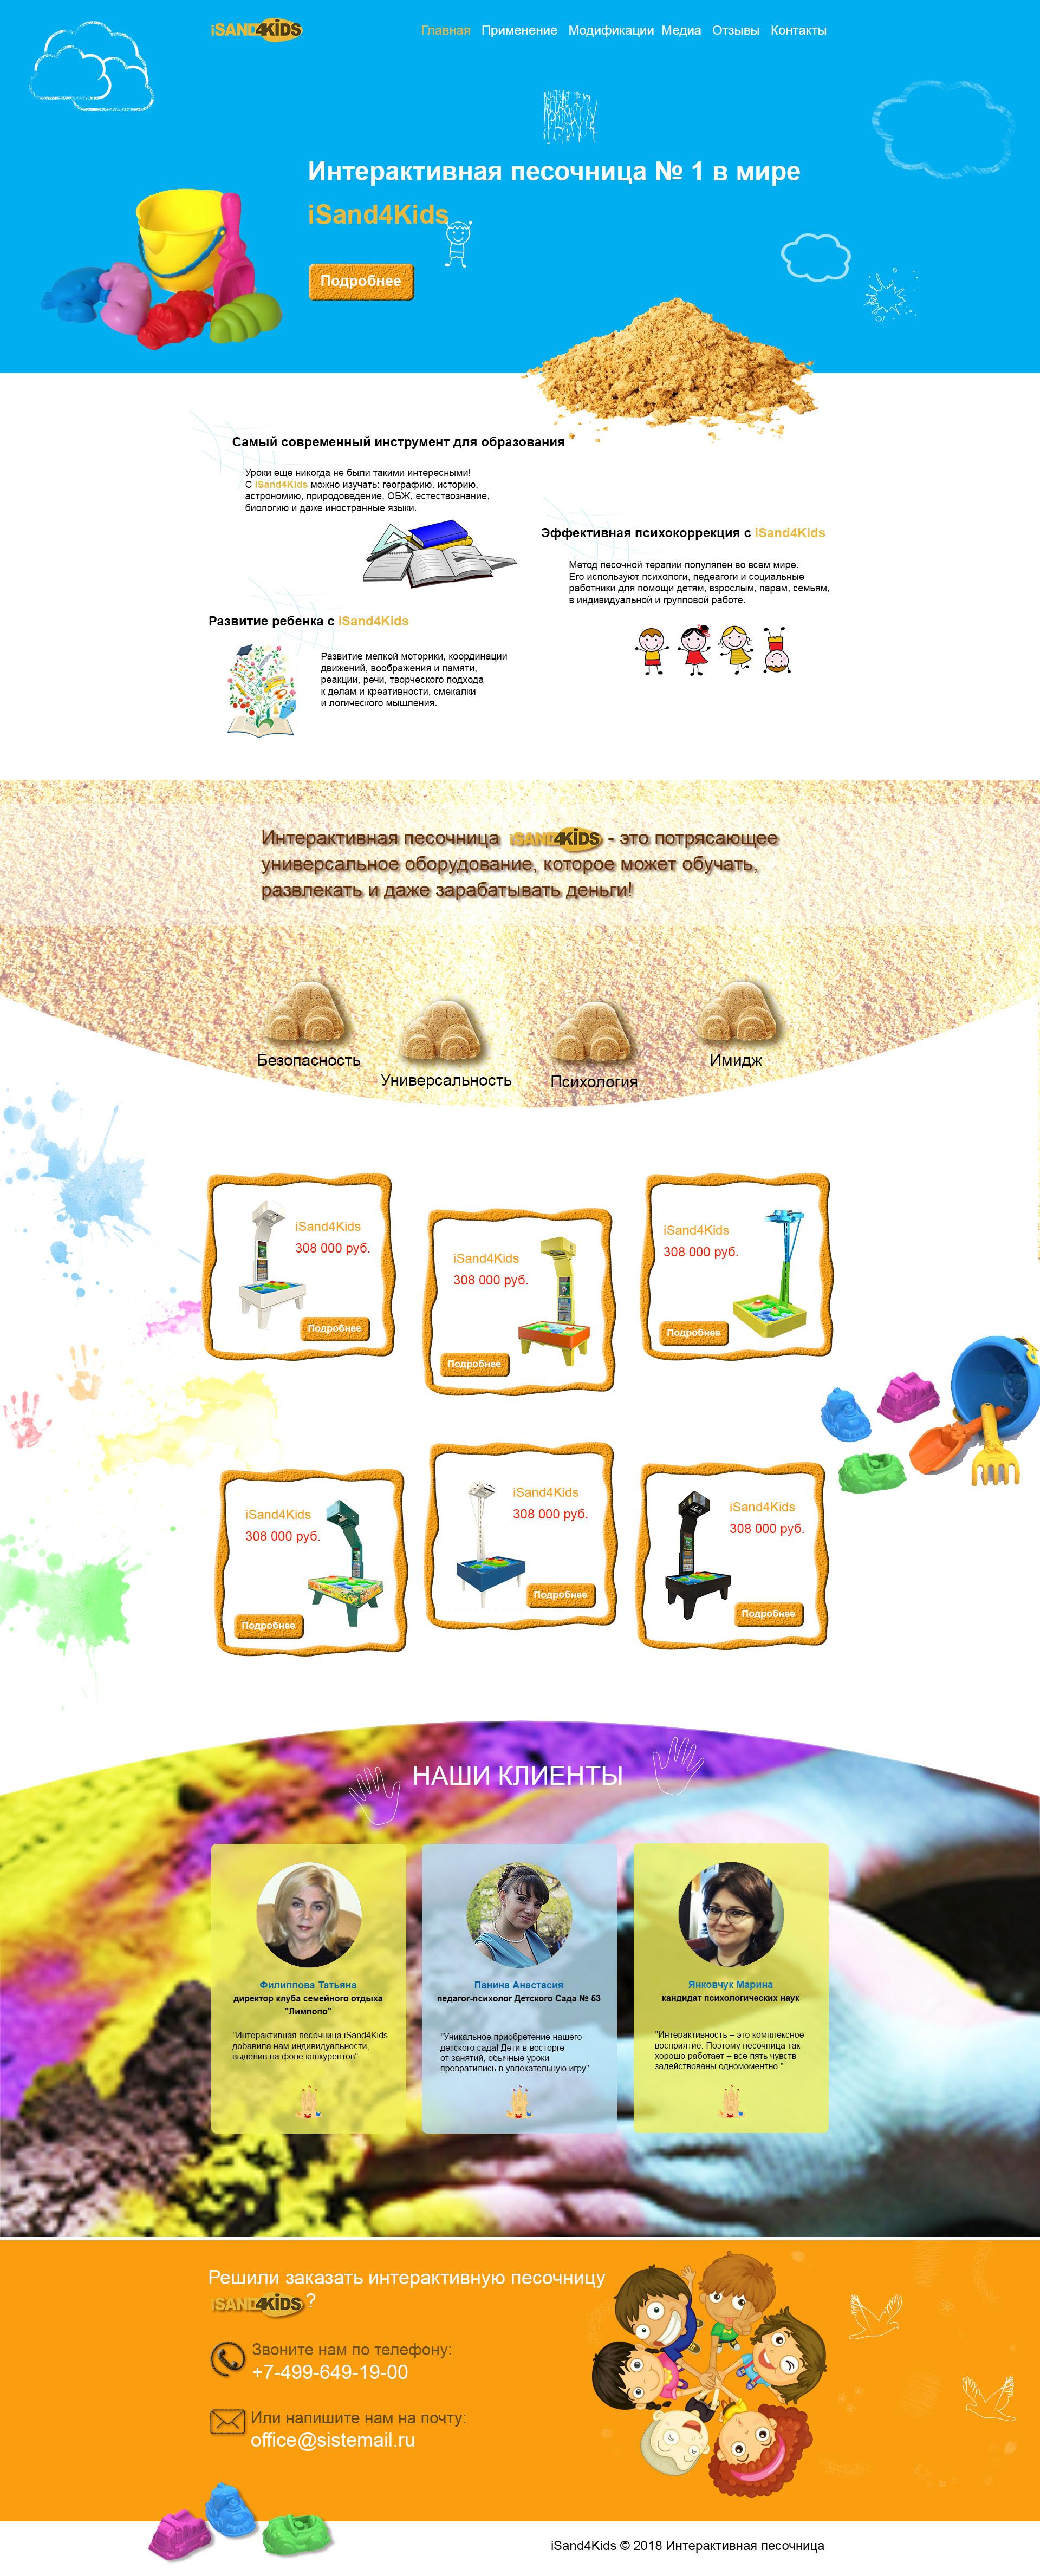 Редизайн сайтов (выбираем исполнителя постоянной основе) фото f_6385a7de9a0492a2.jpg